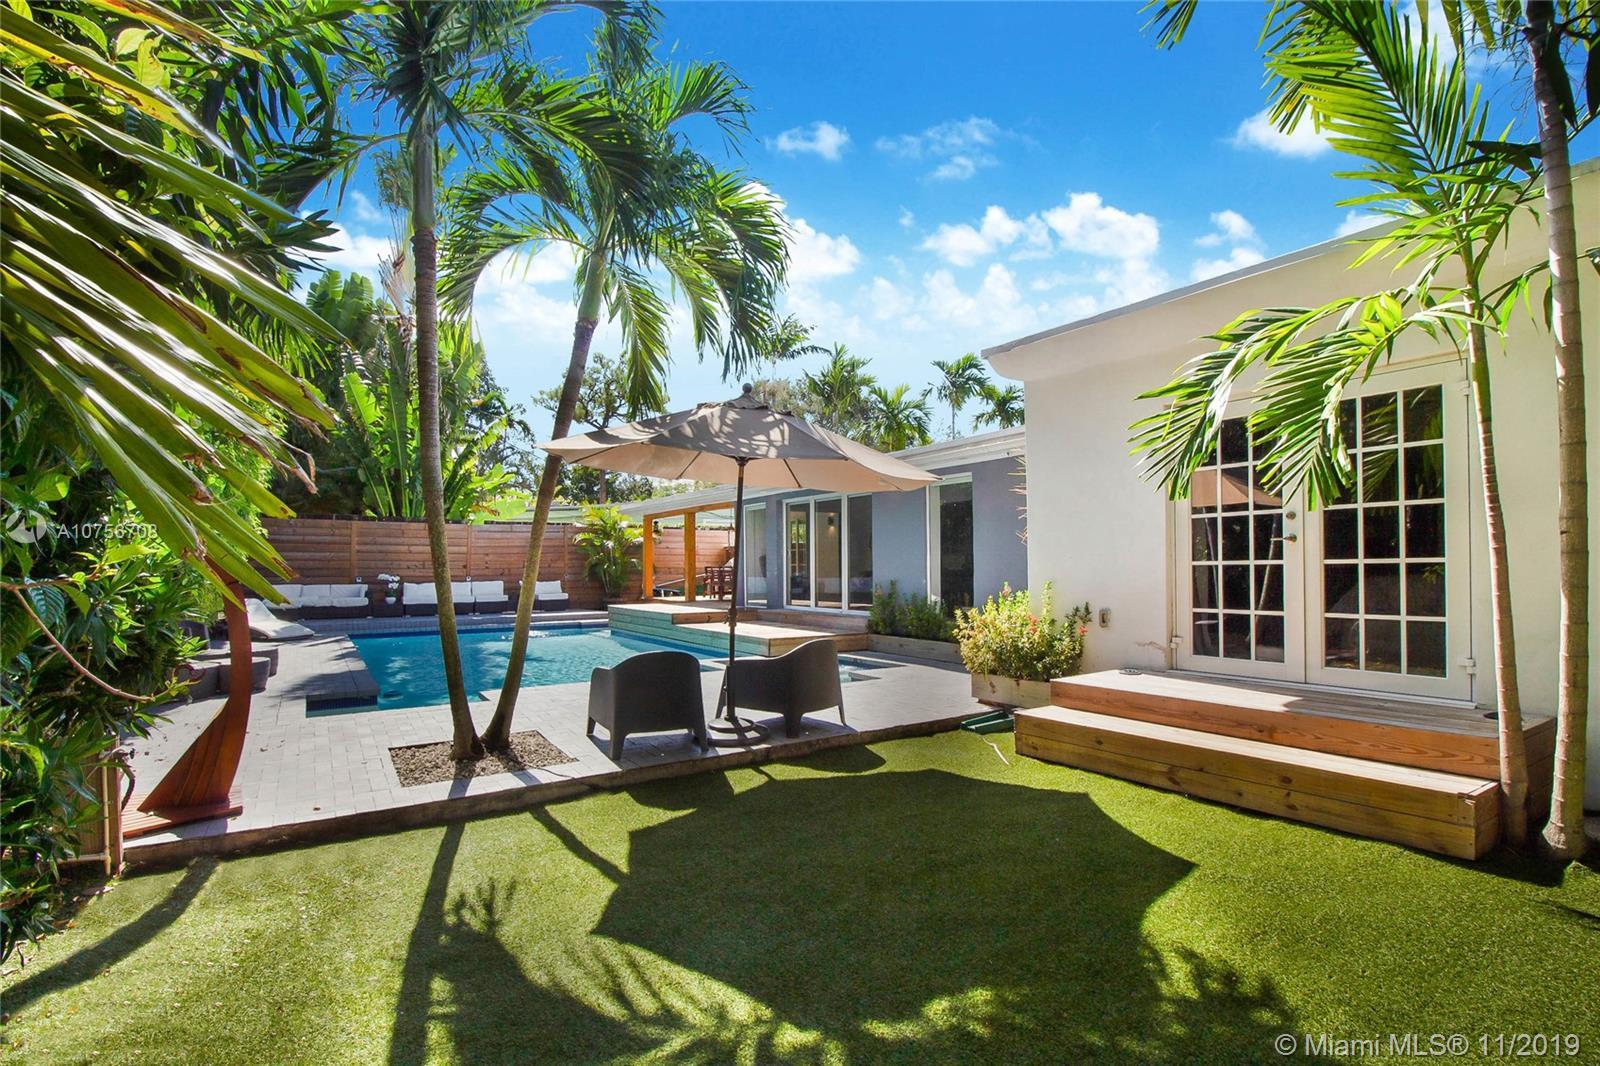 174 S Shore Dr S, Miami, FL 33133